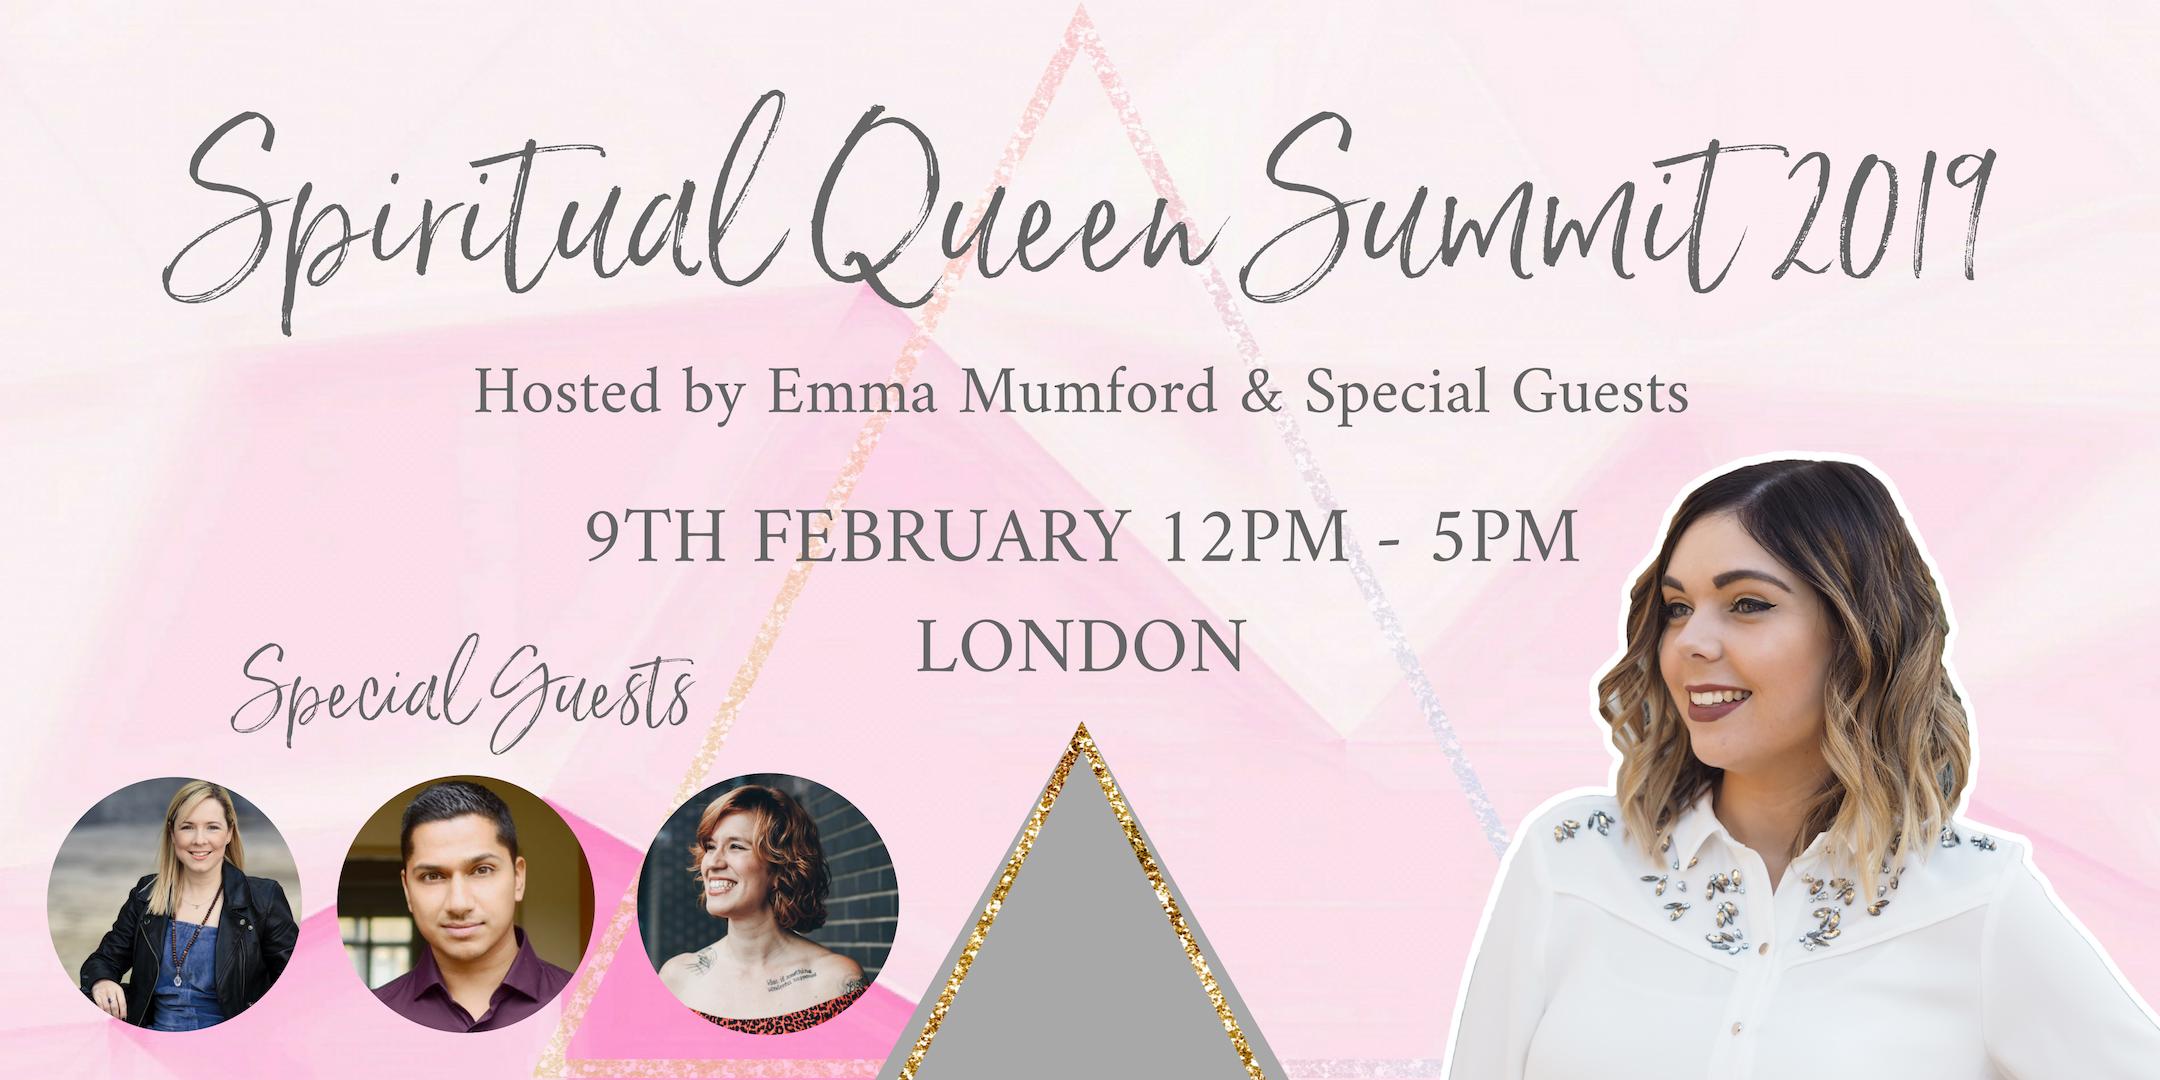 Spiritual Queen Summit 2018 - Emma Mumford